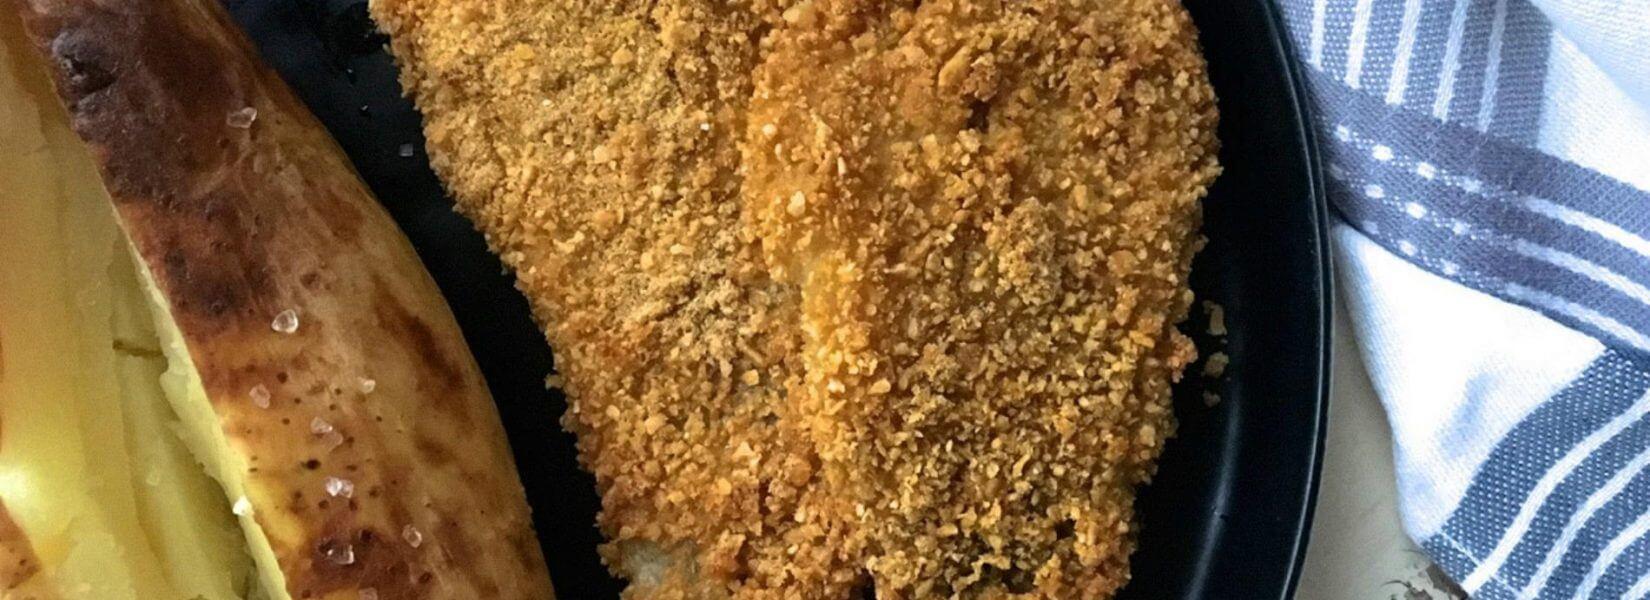 Πεντανόστιμος ψητός μπακαλιάρος παναρισμένος με corn flakes